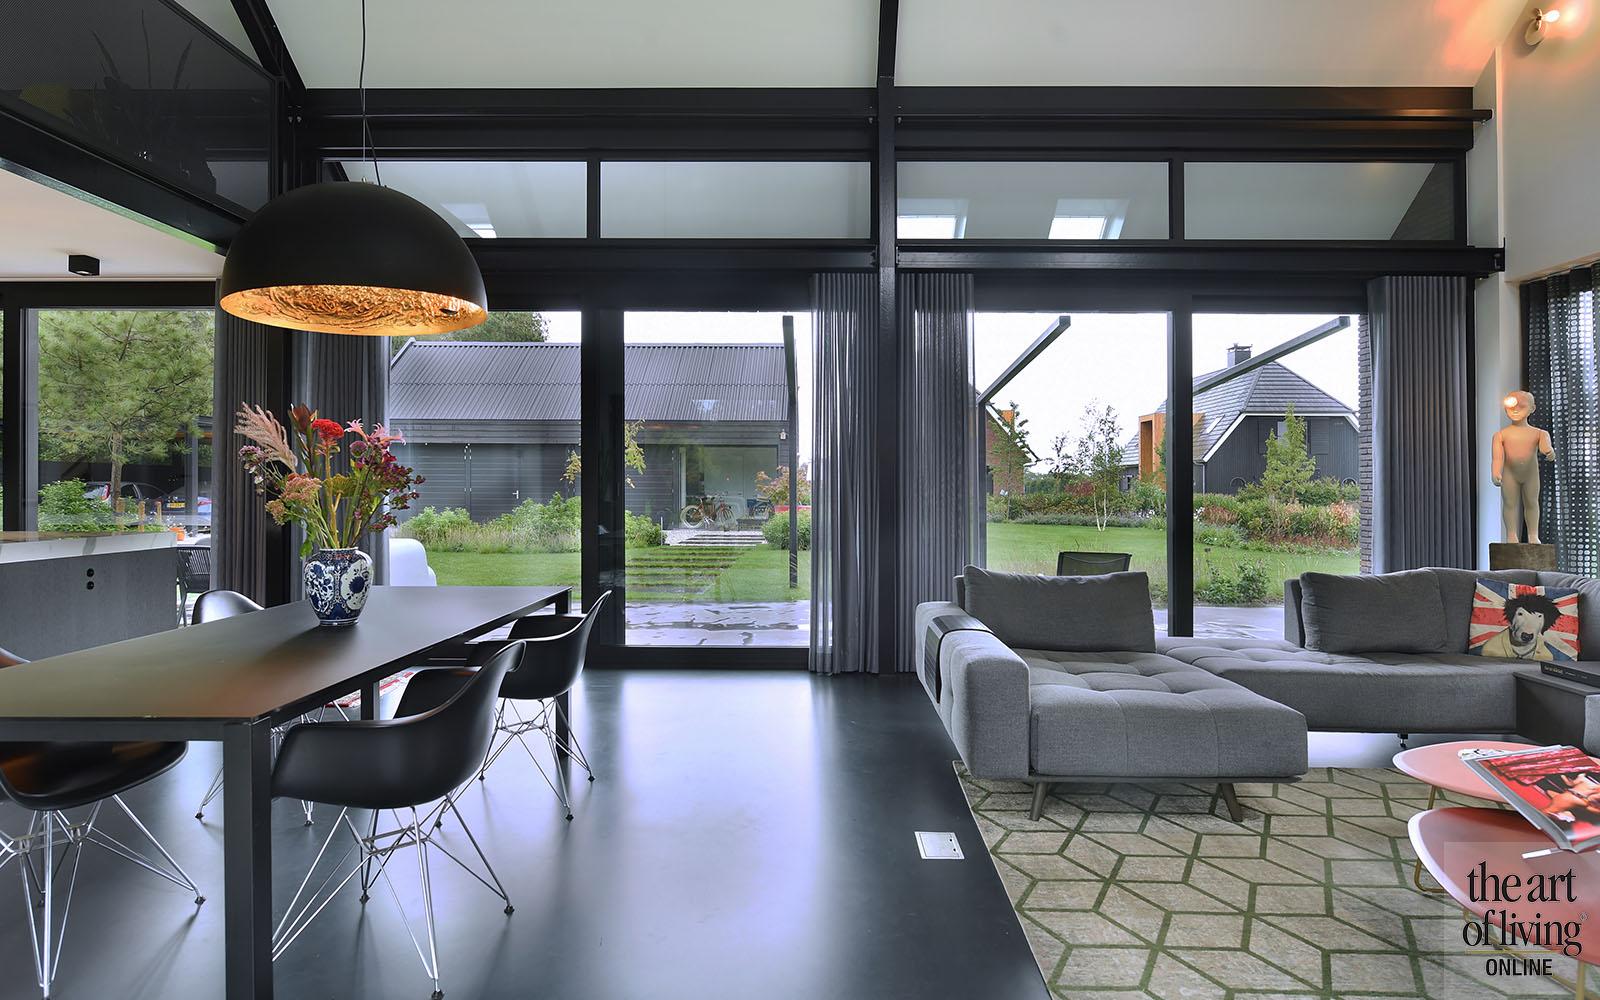 Schuurwoning | JADE Architecten, the art of living